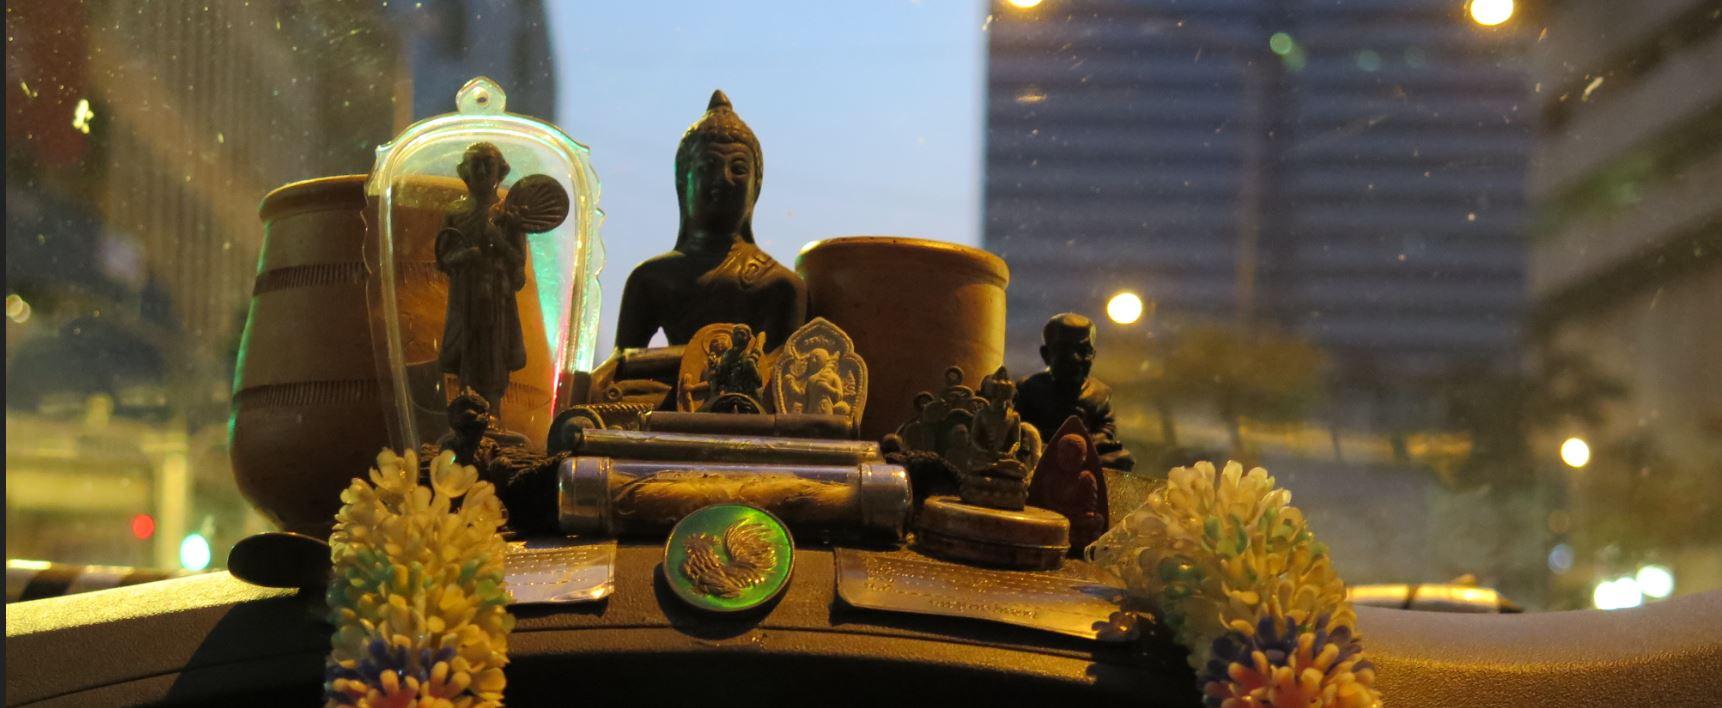 amulette thai taxi bangkok achat